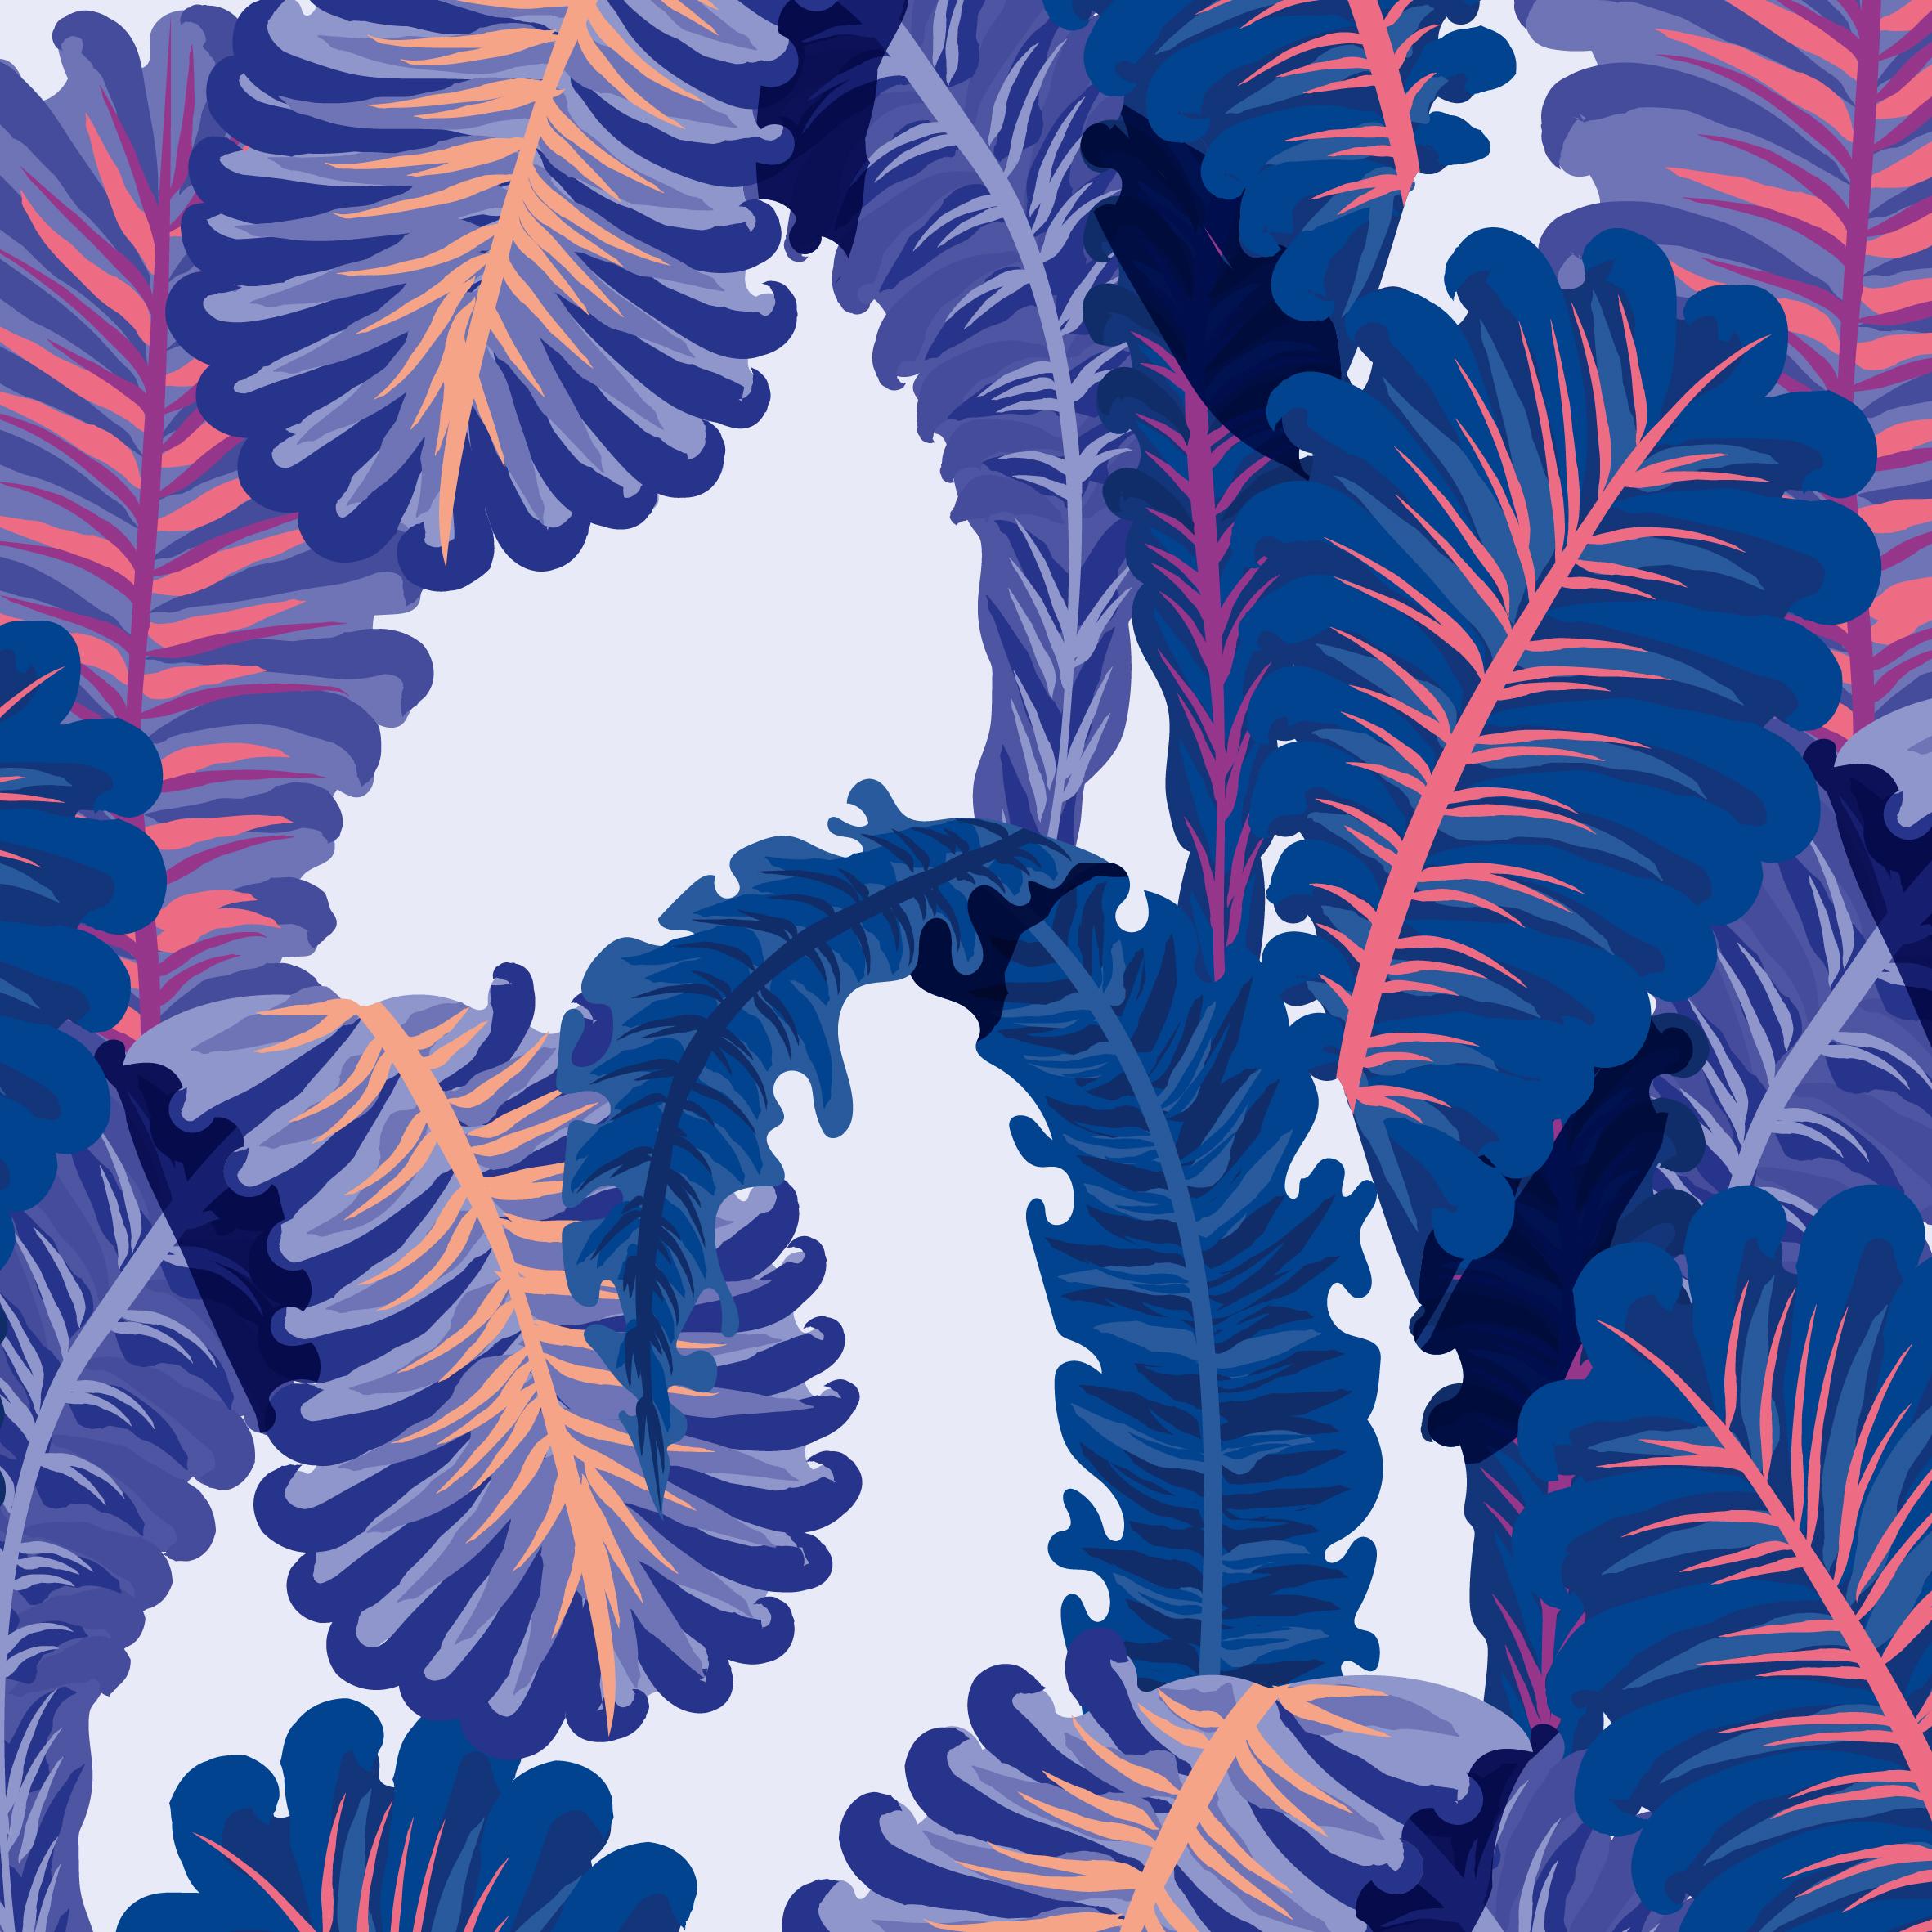 motif-algues-marines